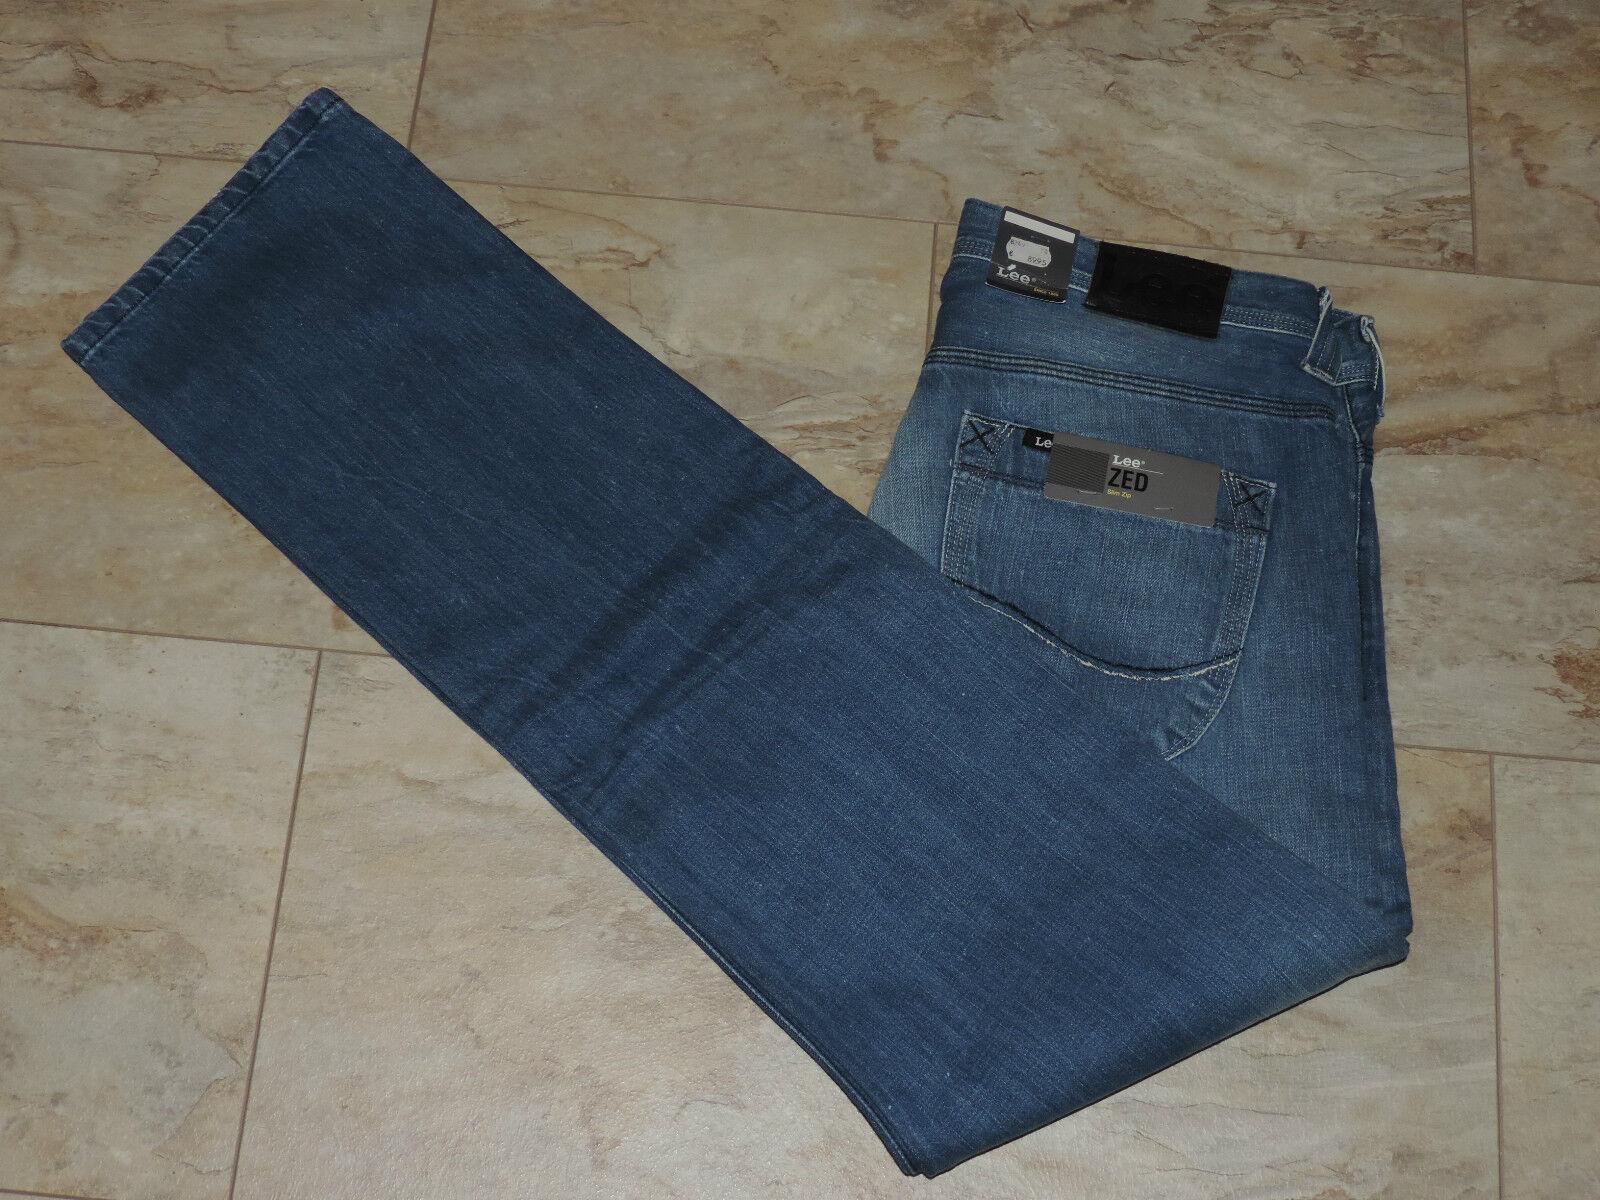 Lee Lee Lee Zed Herren Jeans, Gr. W34 L34, Neu 0b10f3